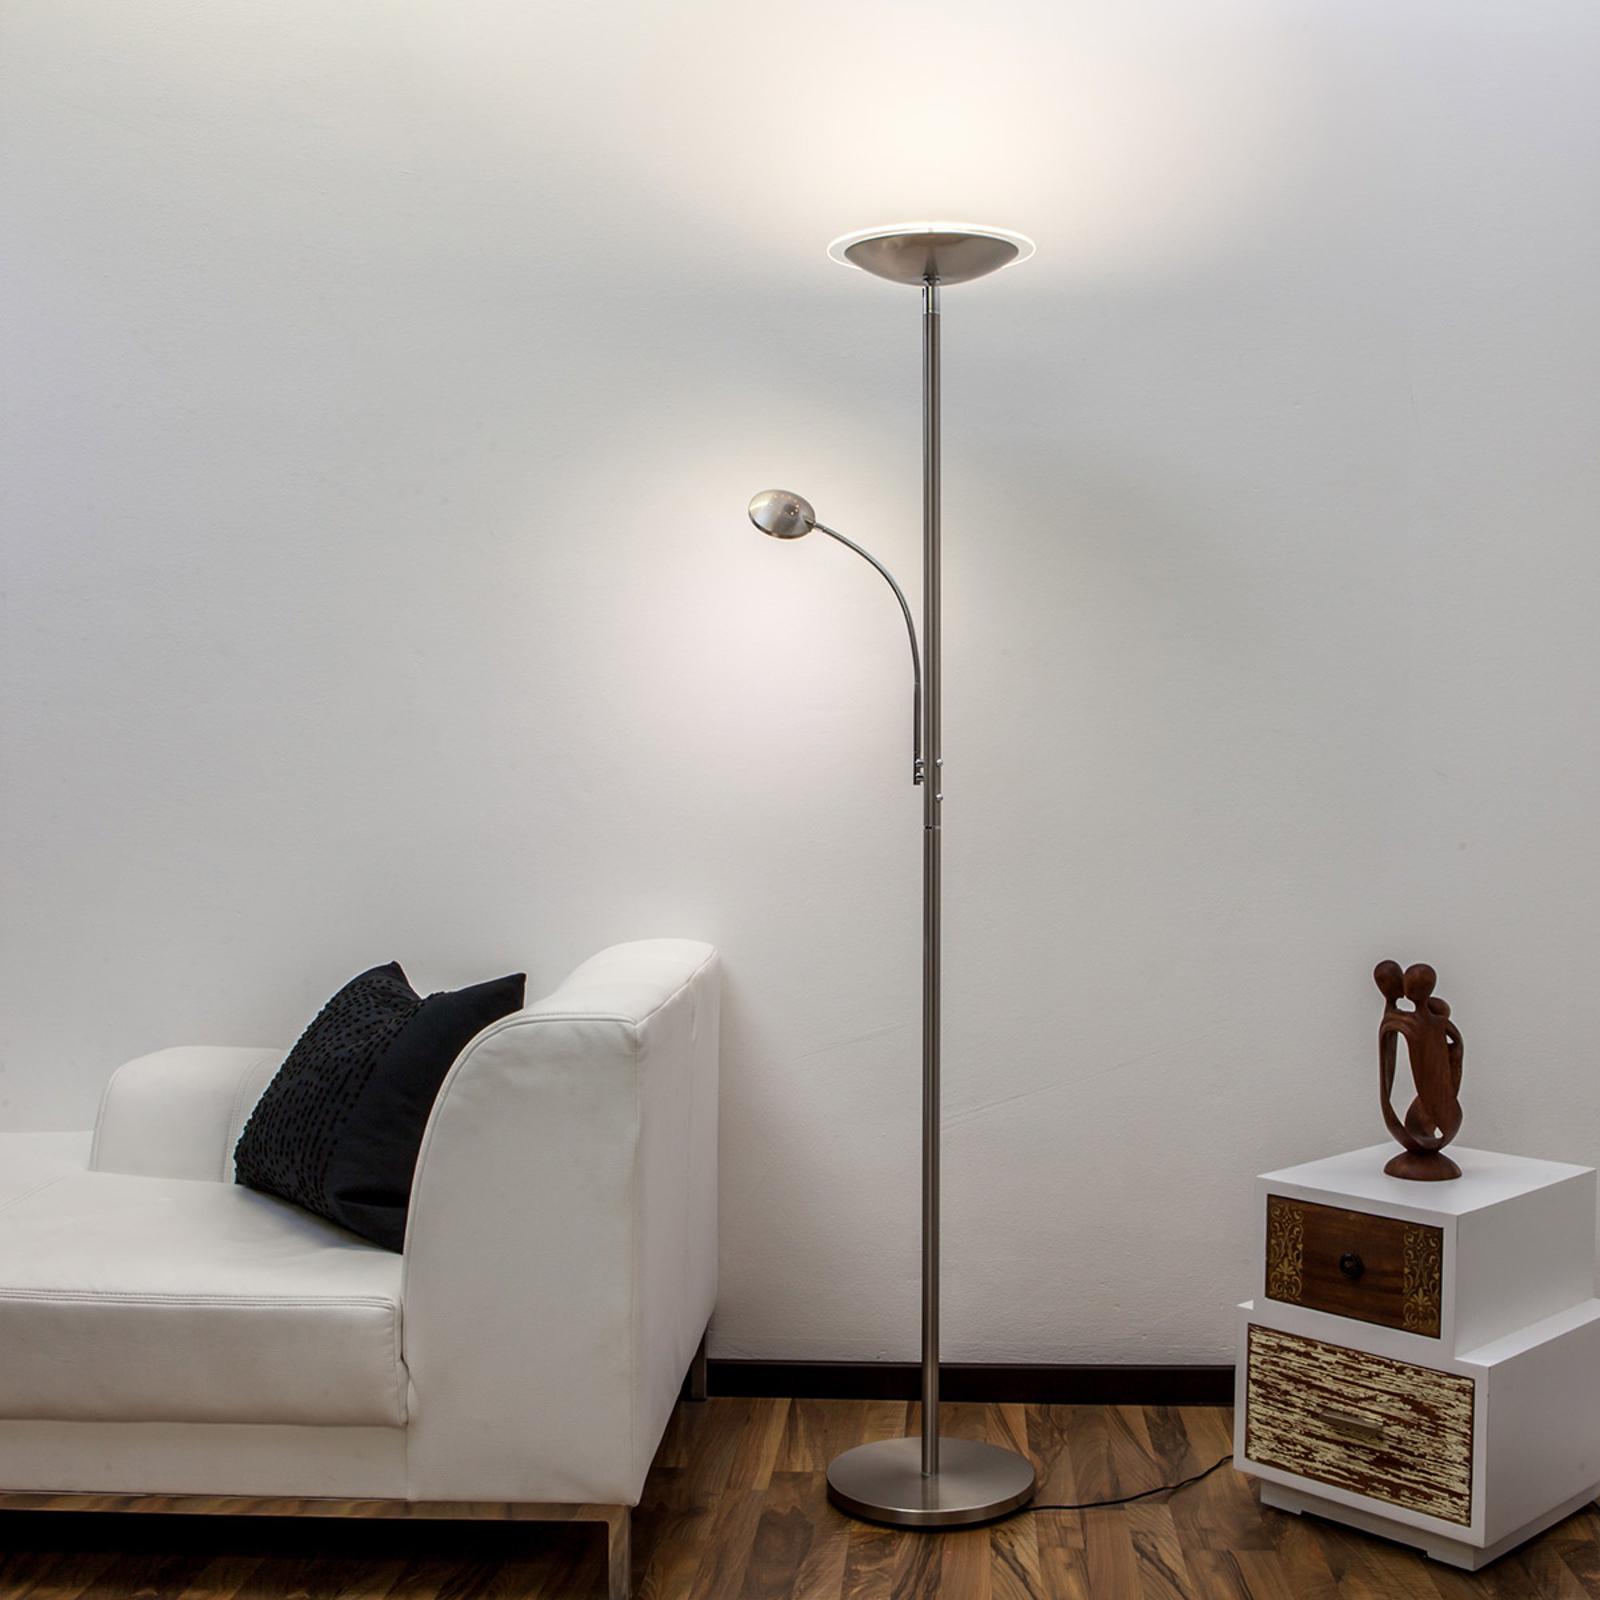 LED-lattiavalaisin Malea, lukuvarsi, nikkeliä